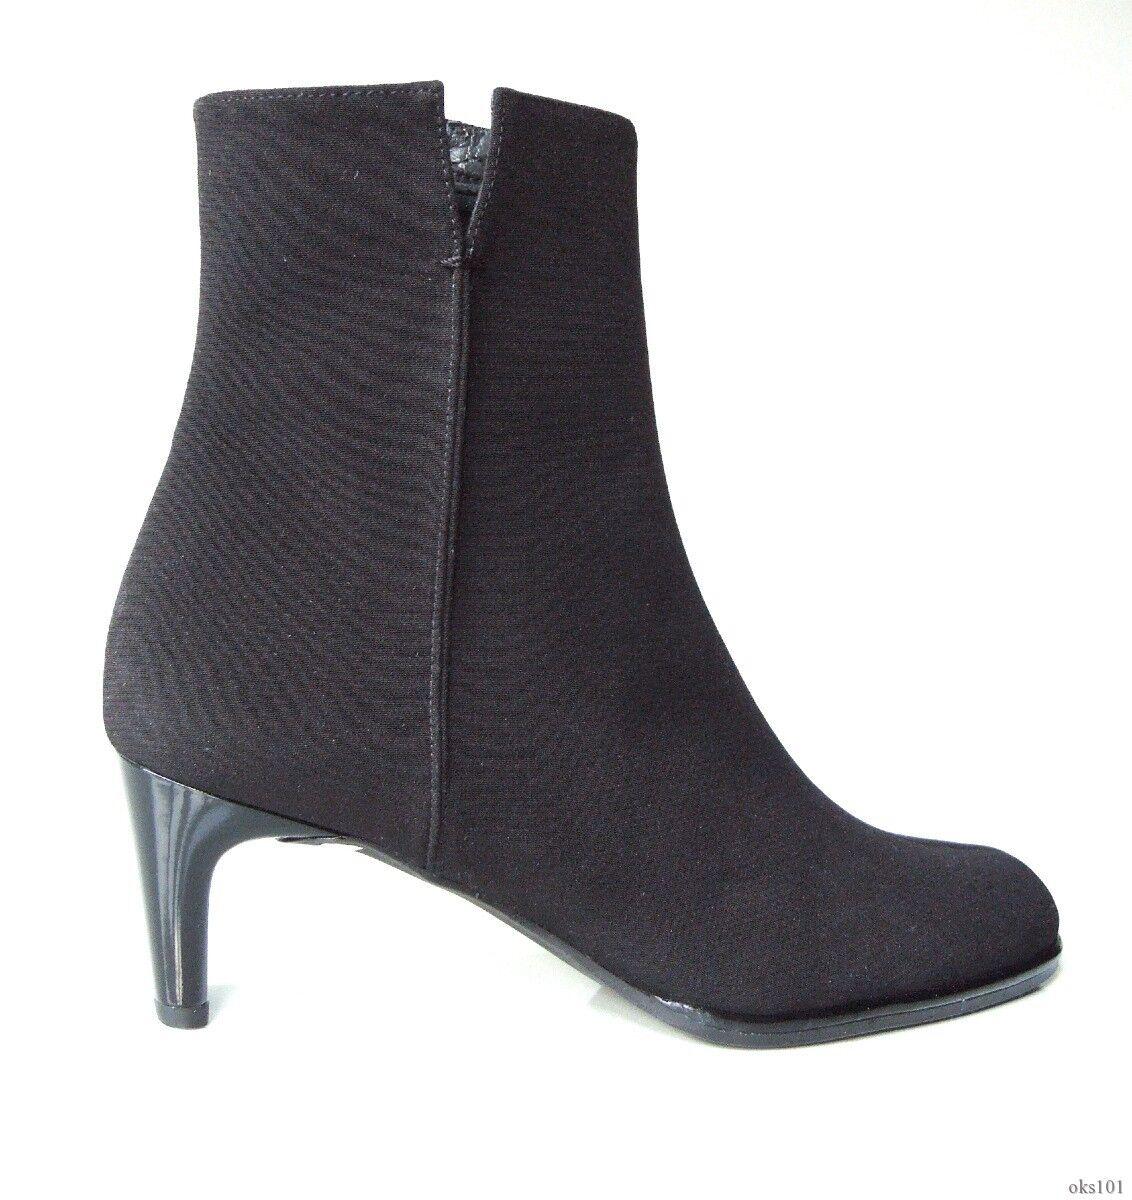 Nuevo Stuart Weitzman Negro Resistente al Agua Gore Tex Con cremallera botas al Tobillo Zapatos 6